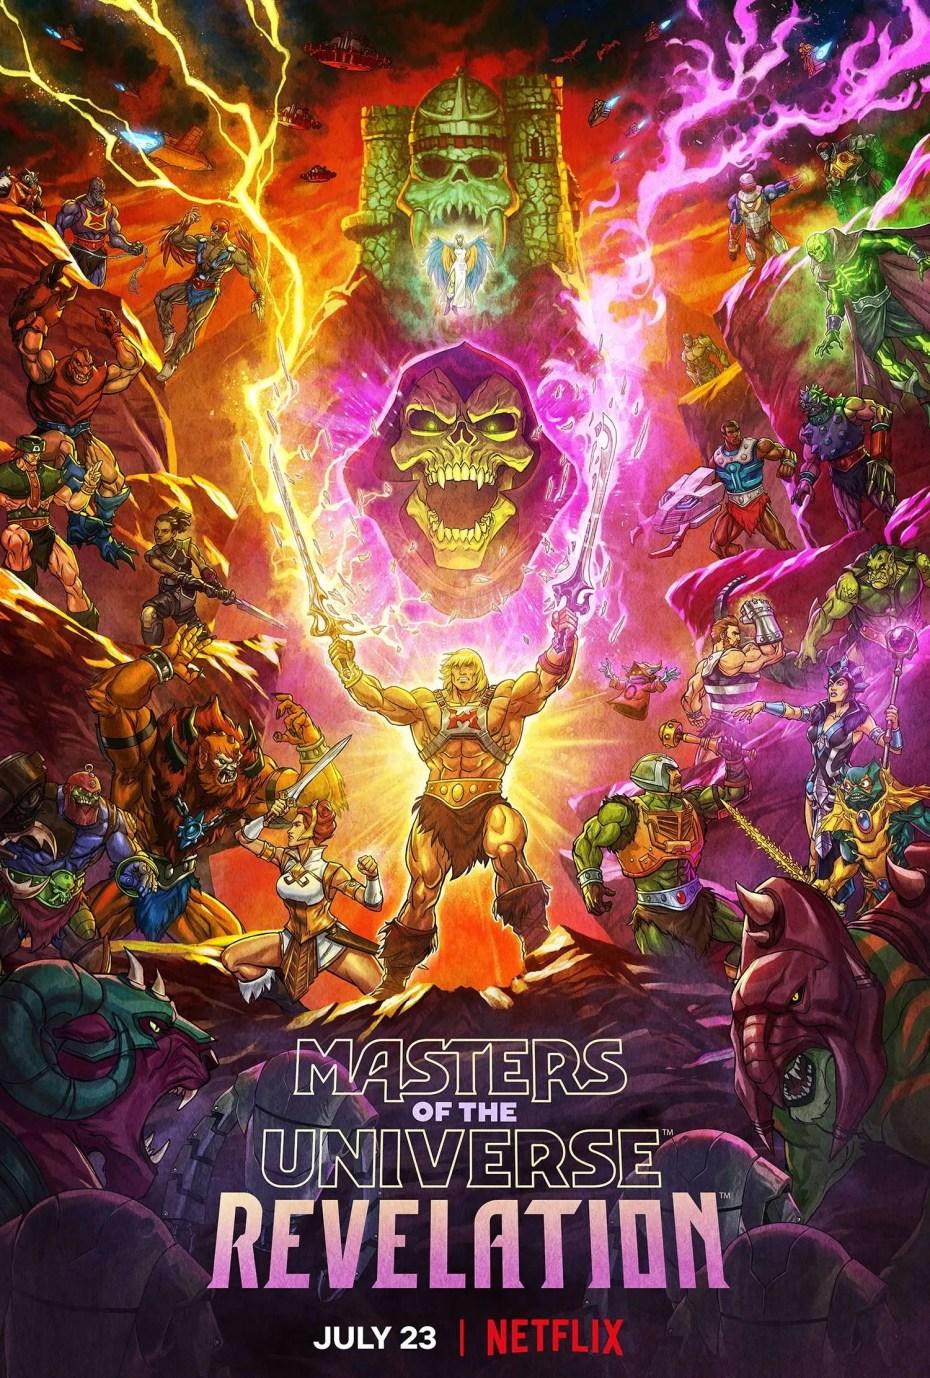 Les Maîtres de l'univers : Révélation